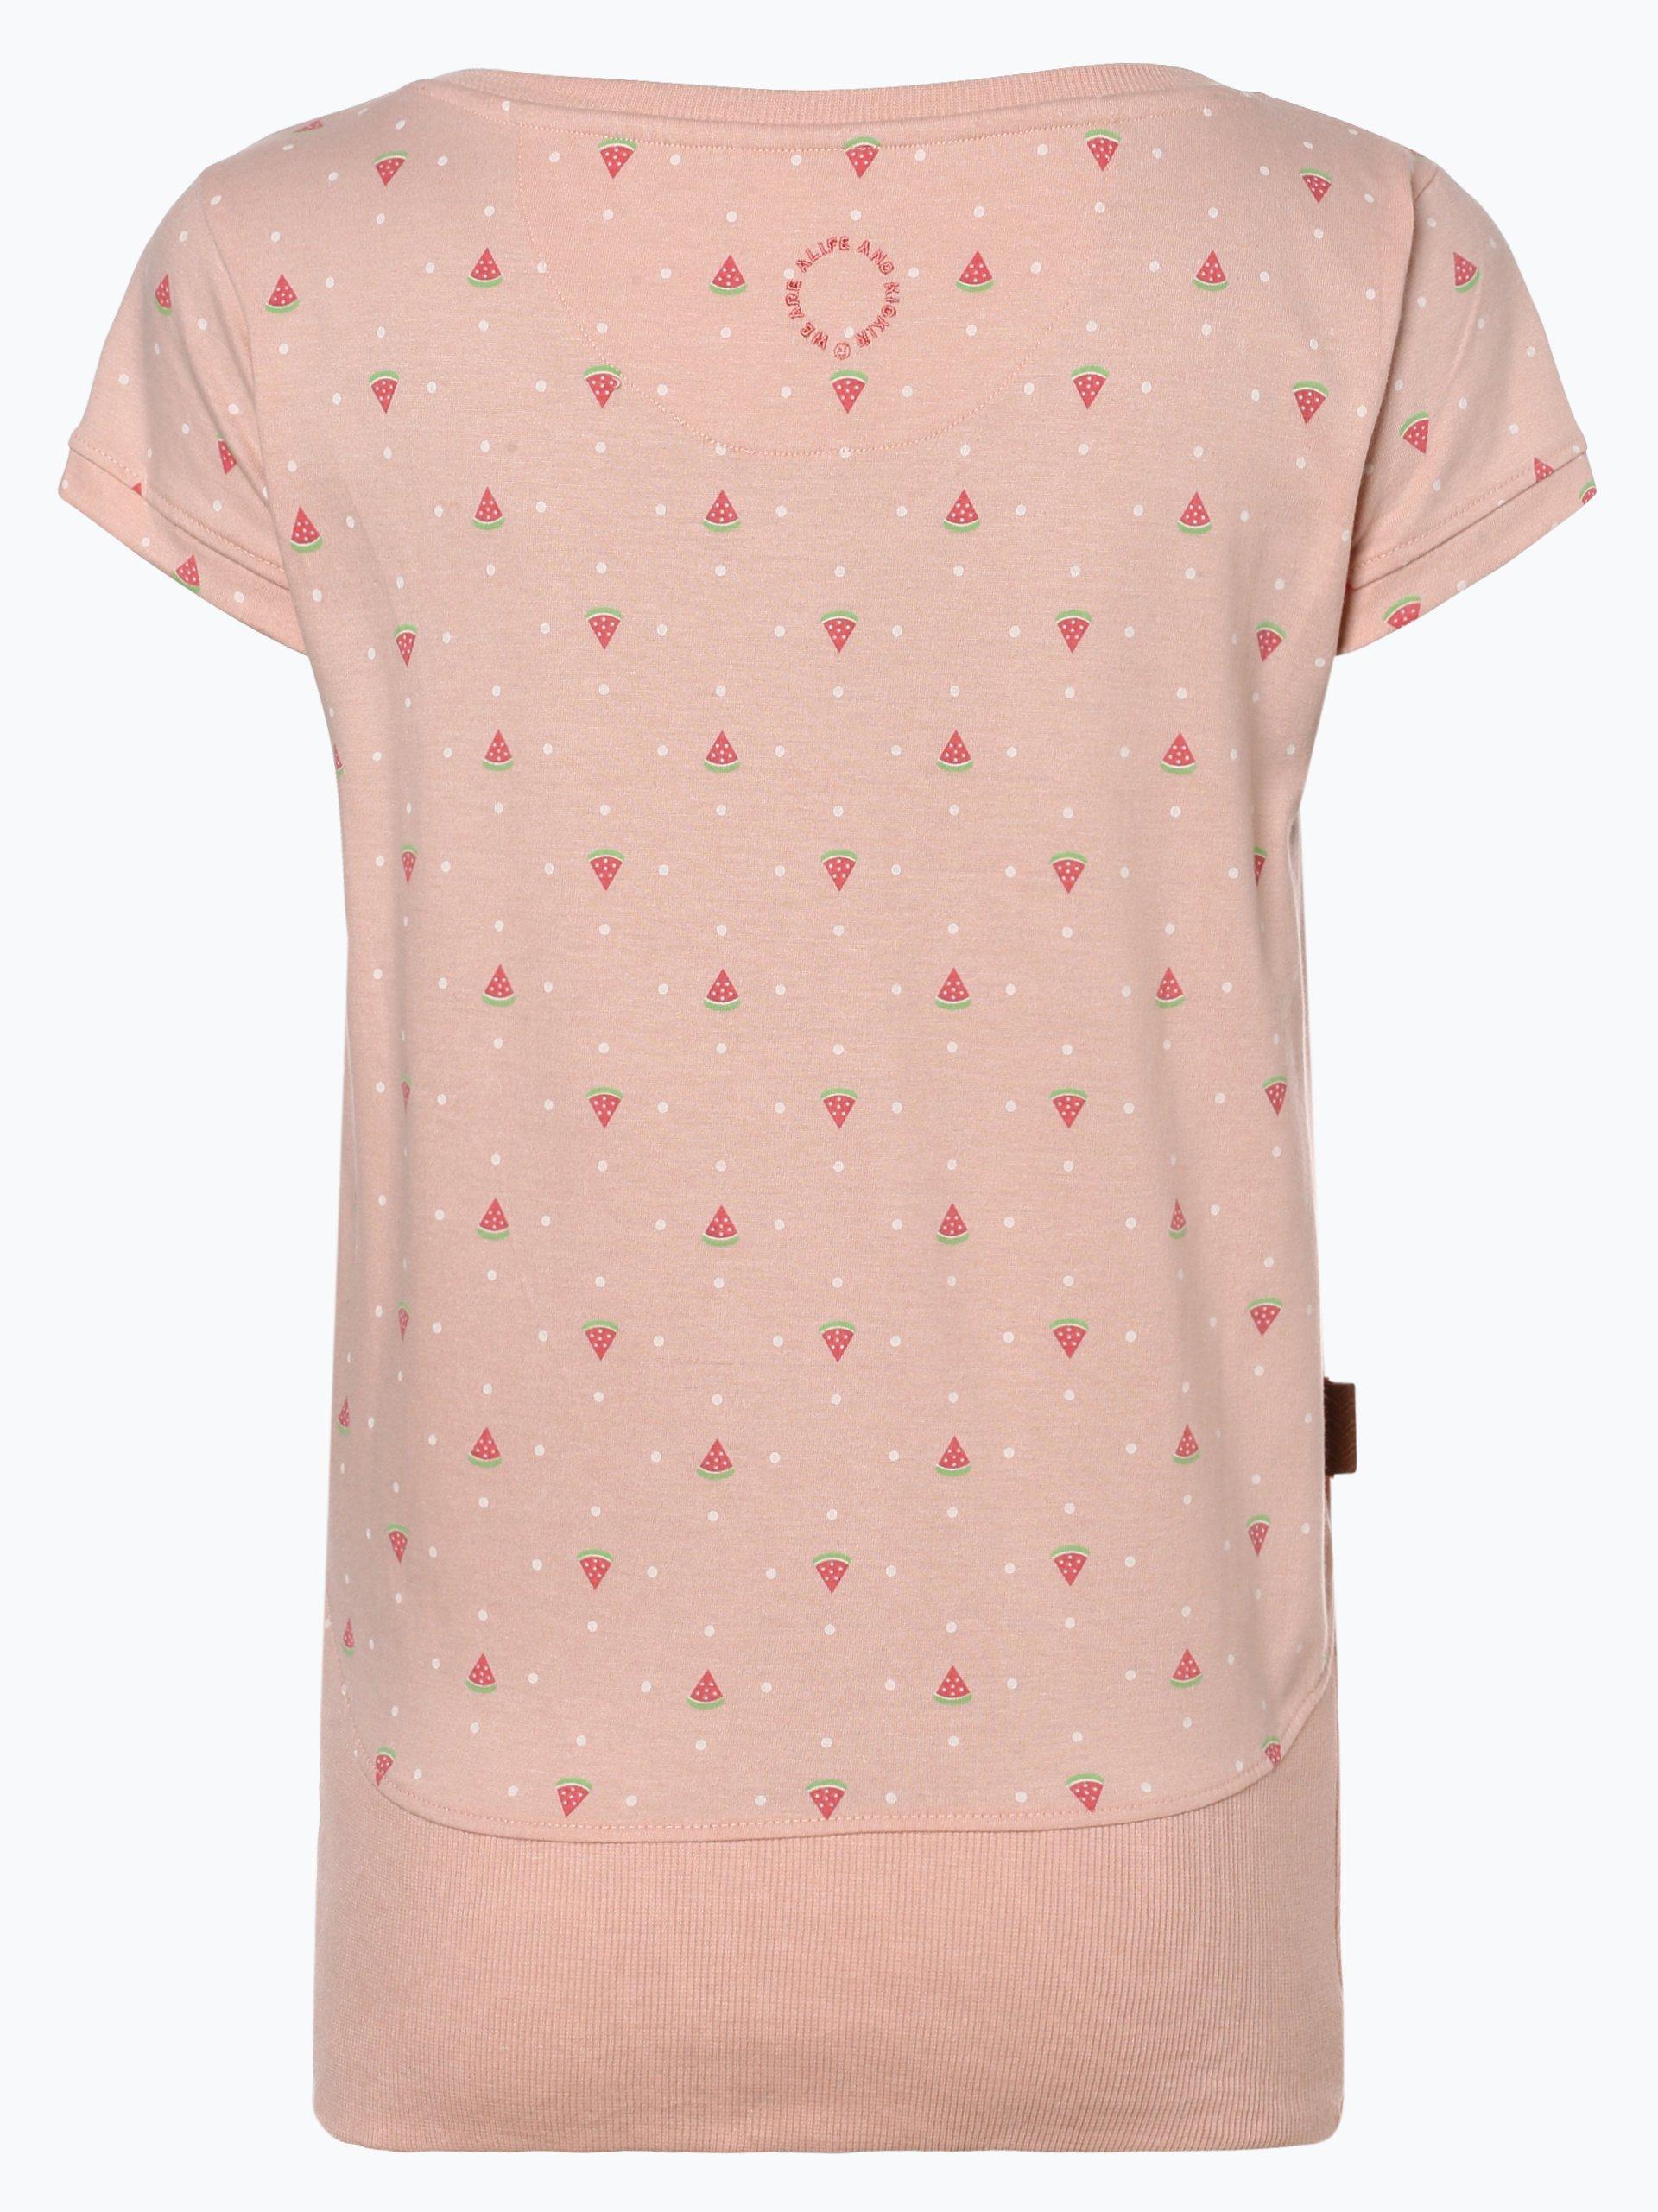 alife and kickin T-shirt damski – Candy